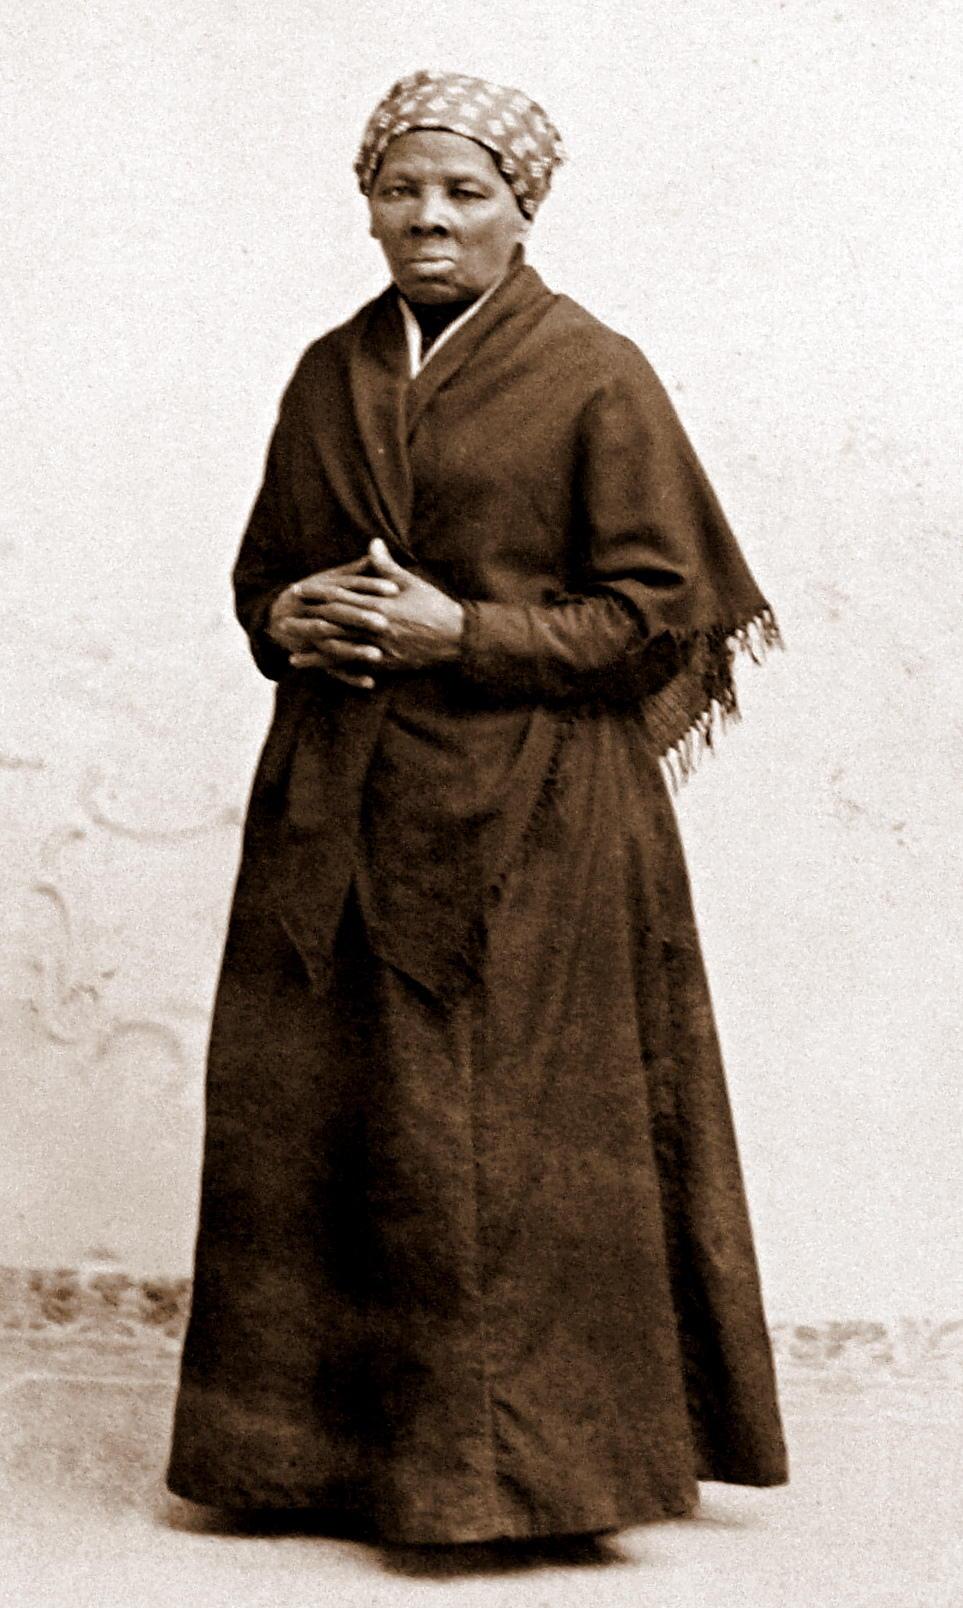 harriet tubman hobbies and interests